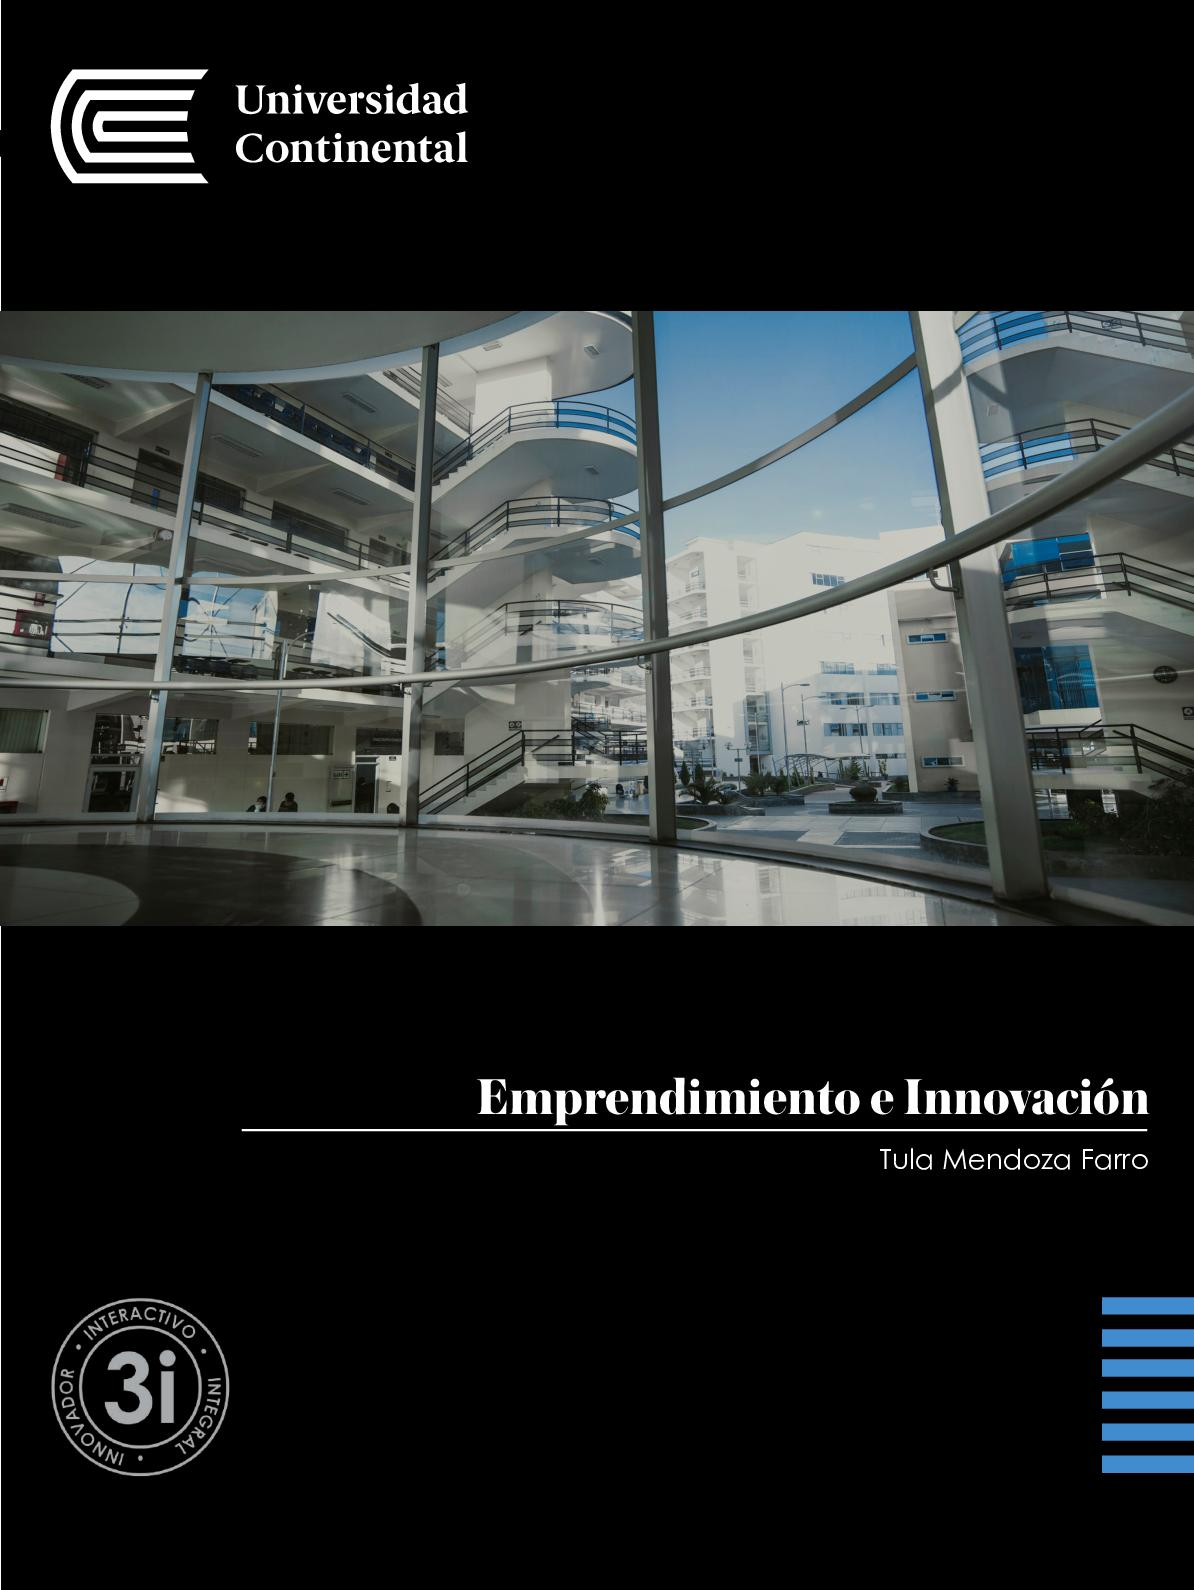 Emprendimiento E Innovación Uc0281 V1